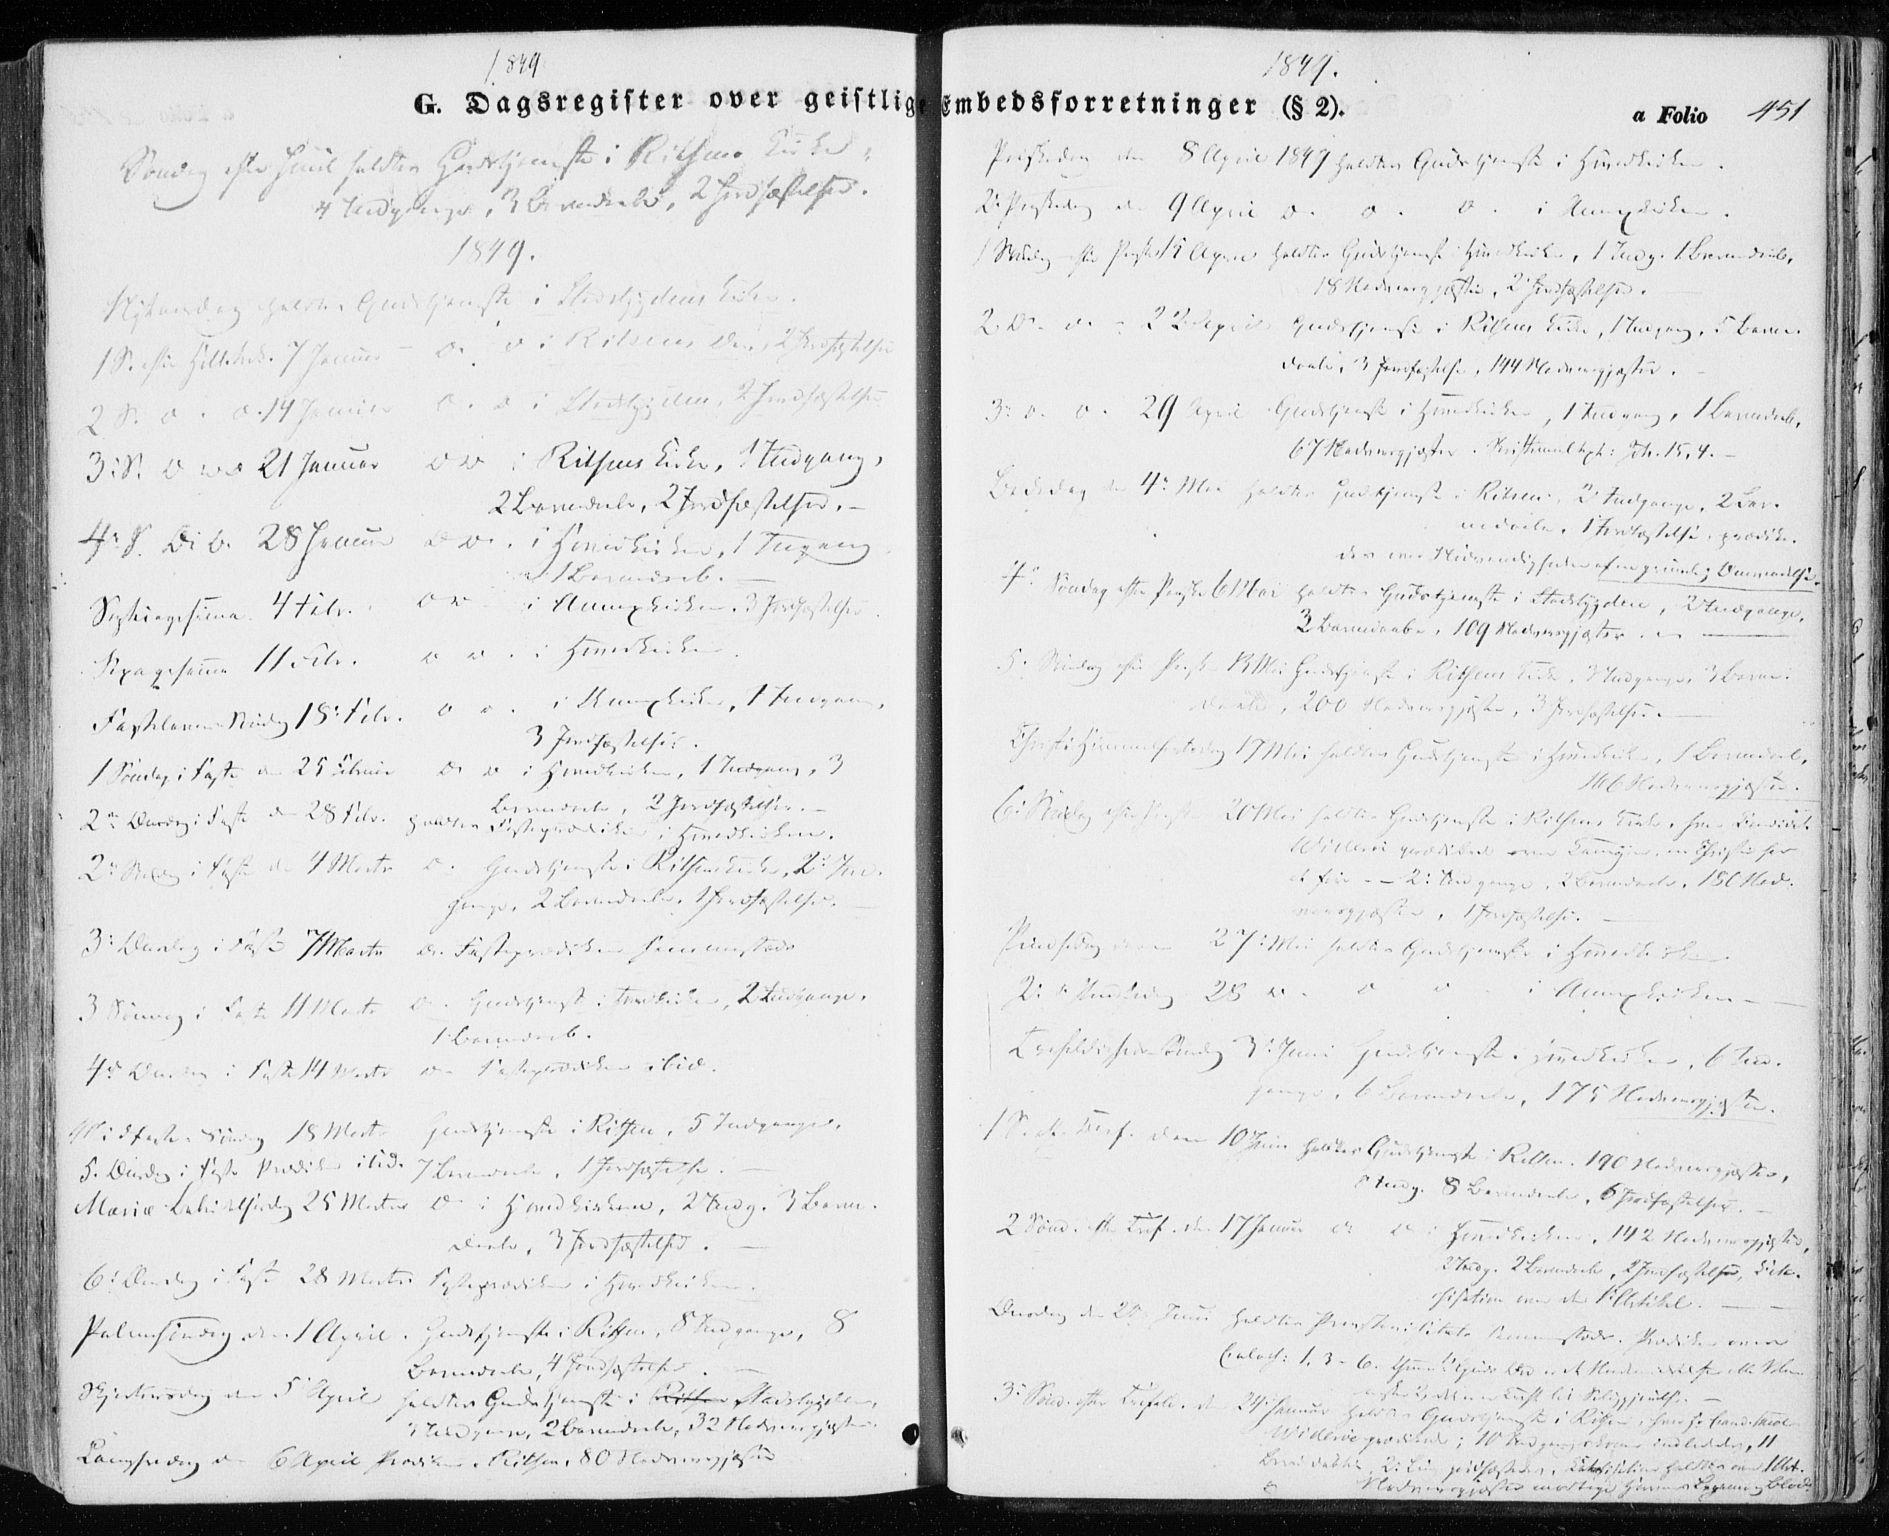 SAT, Ministerialprotokoller, klokkerbøker og fødselsregistre - Sør-Trøndelag, 646/L0611: Ministerialbok nr. 646A09, 1848-1857, s. 451